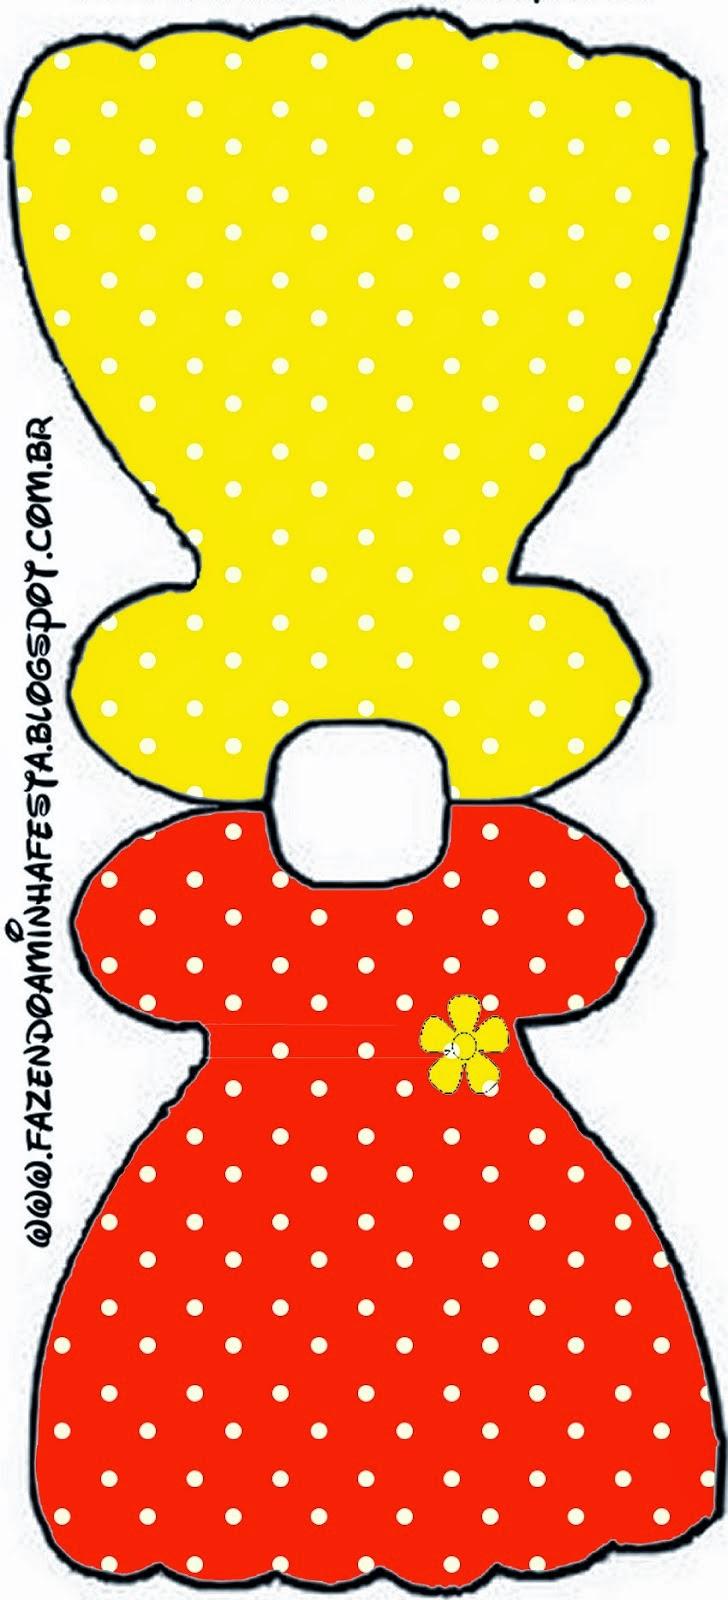 Tarjeta con forma de Vestido de Rojo, Amarillo y Lunares Blancos.